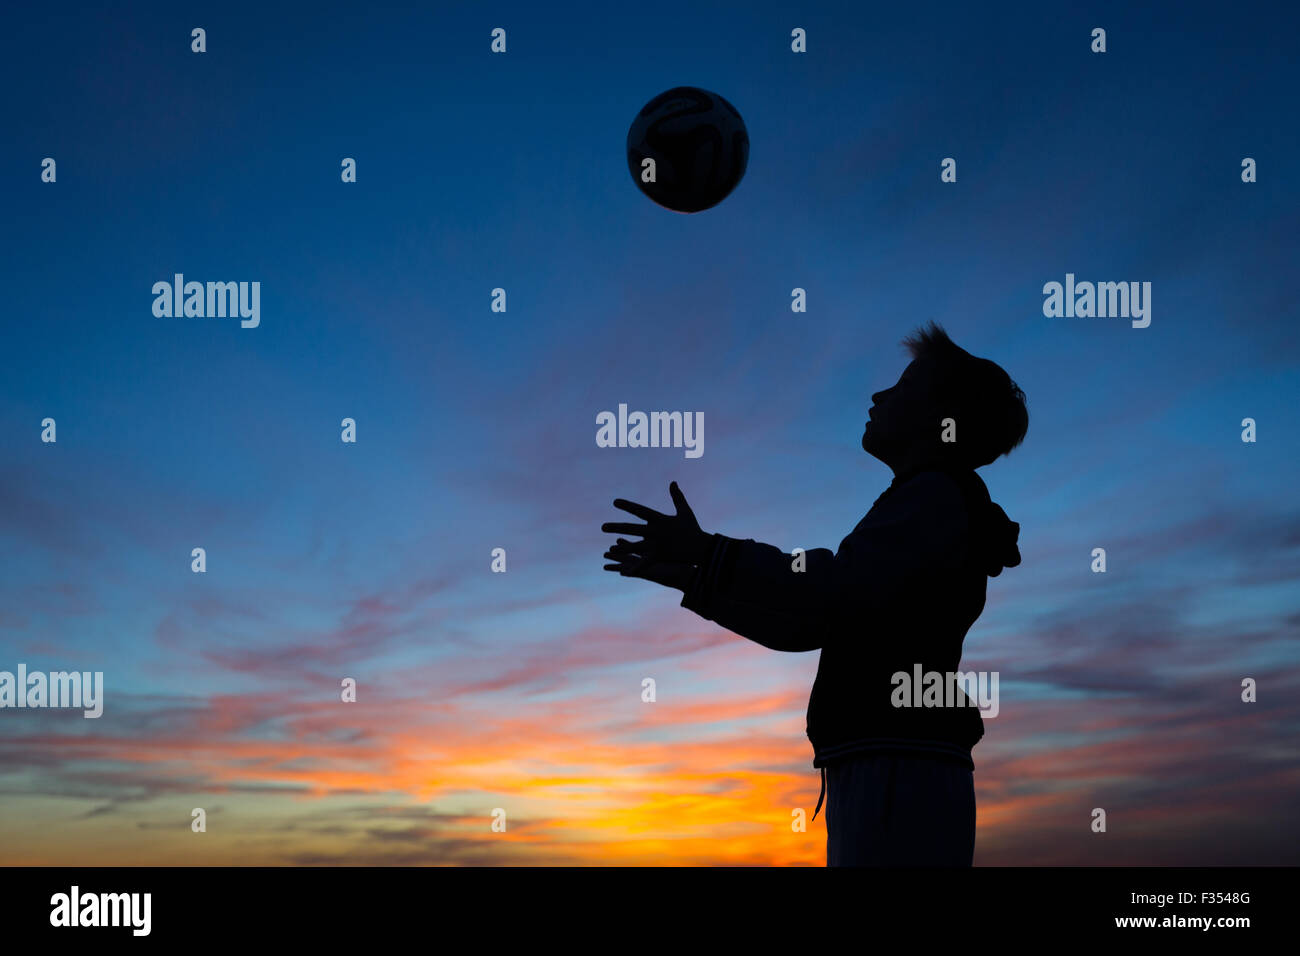 Silhouette eines jungen spielen im Freien in der Abenddämmerung Stockfoto